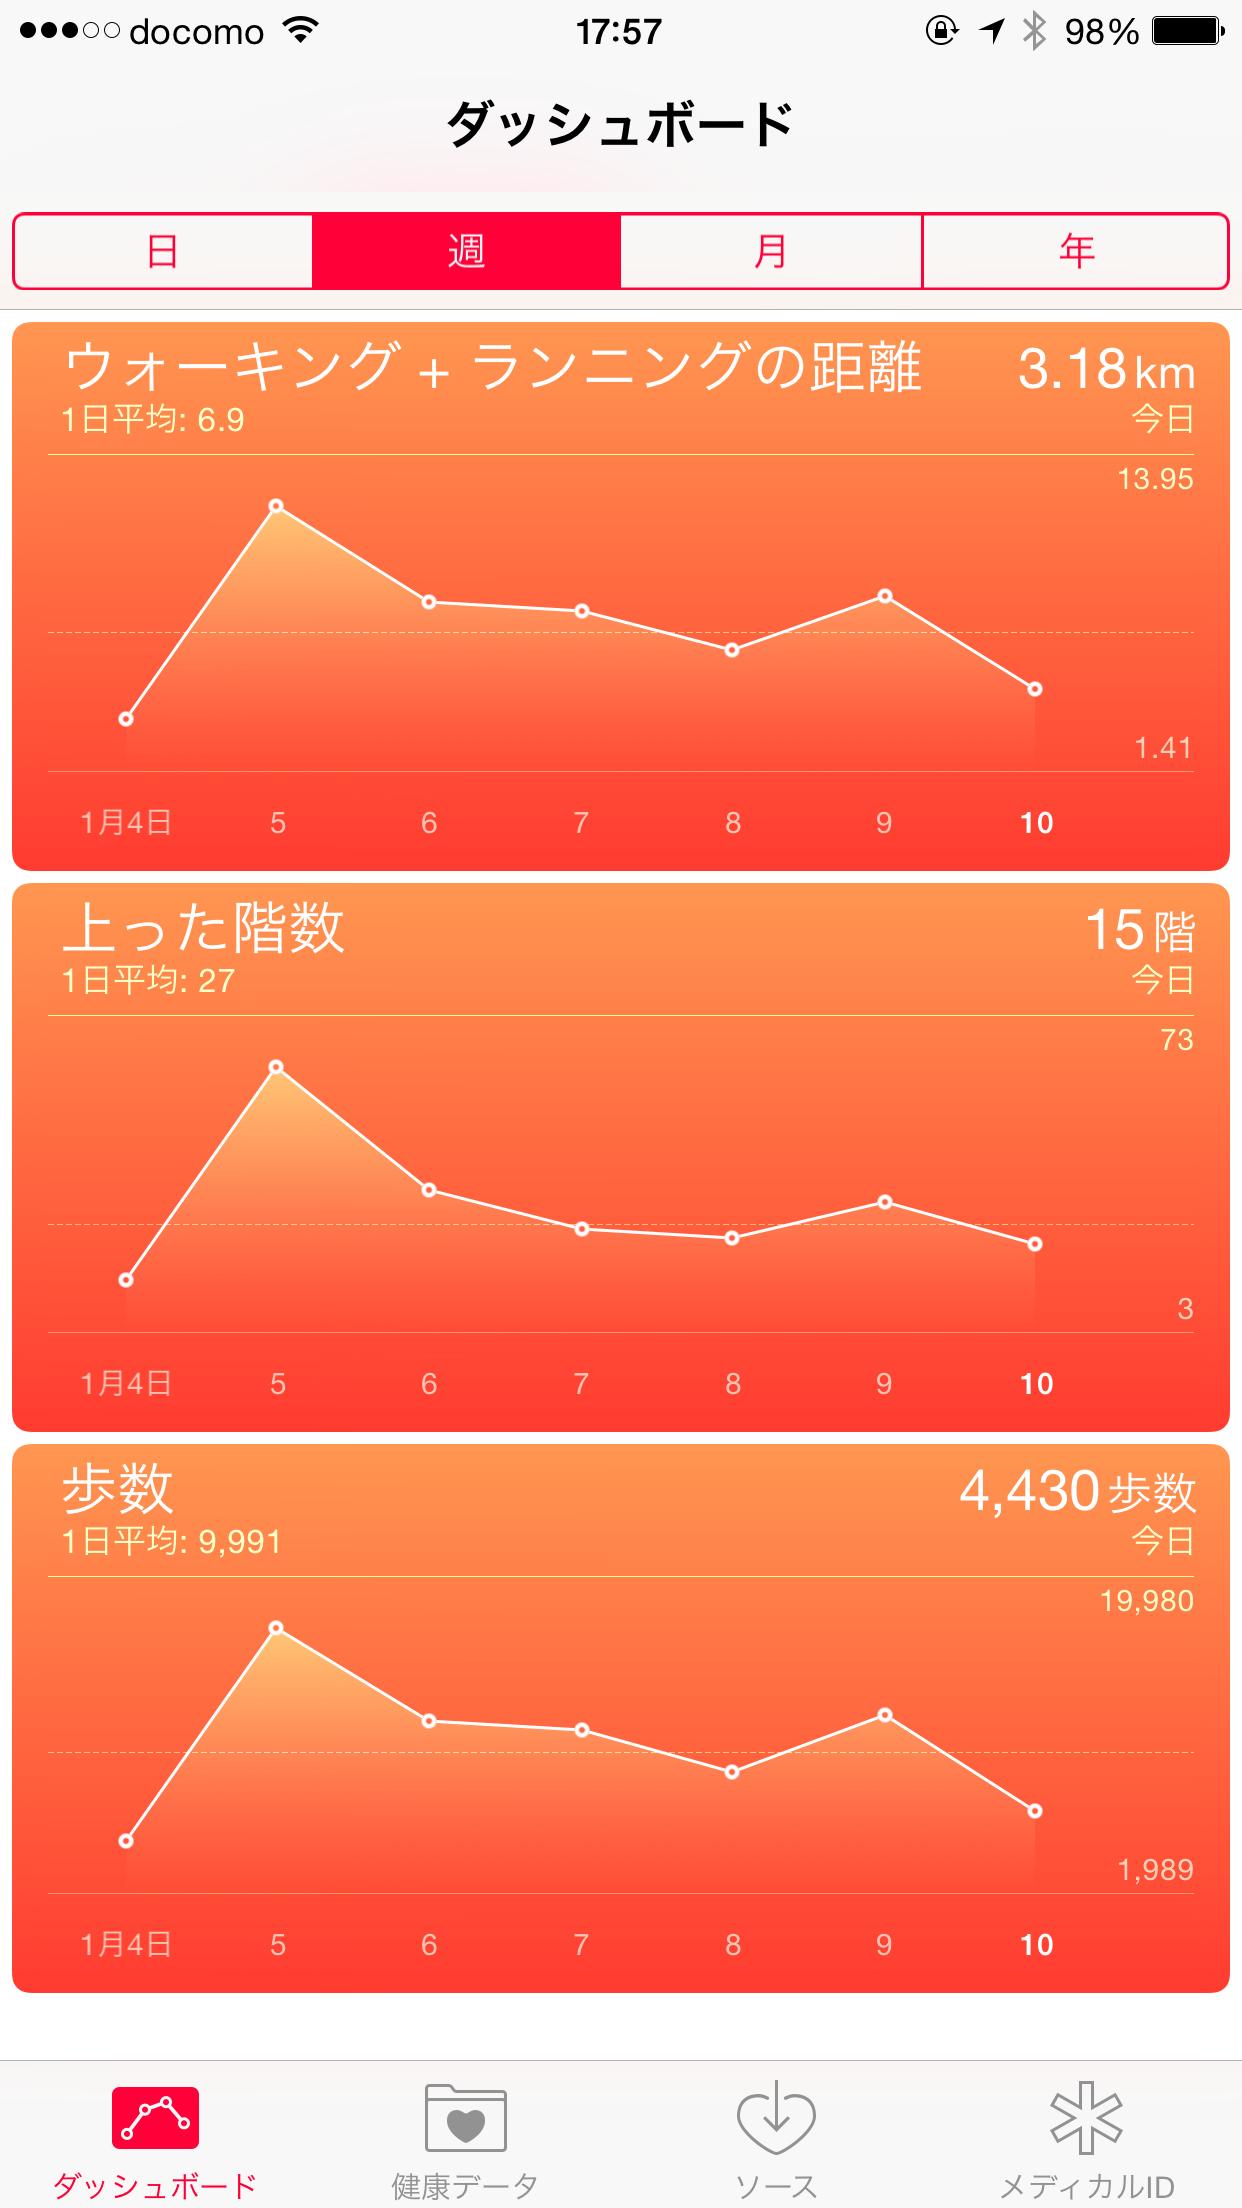 歩 計 万 iphone